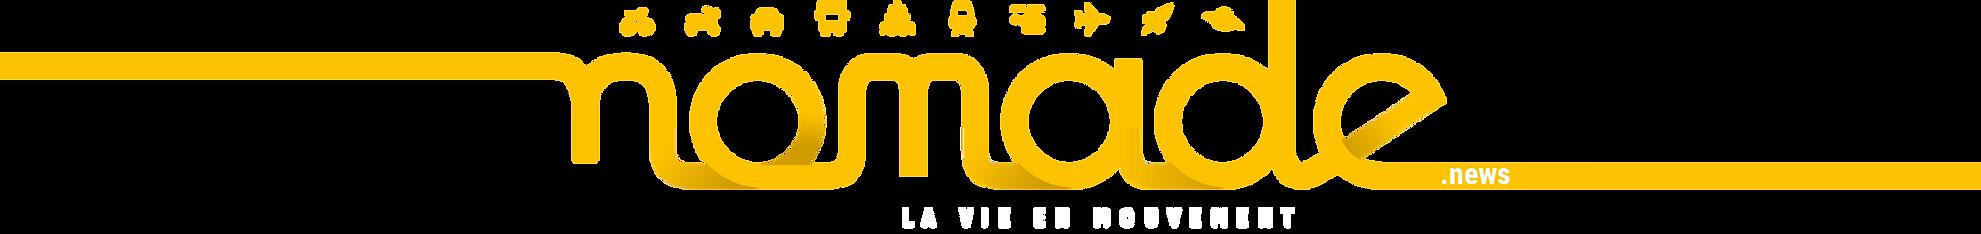 nomade.news-jaune_validé.png